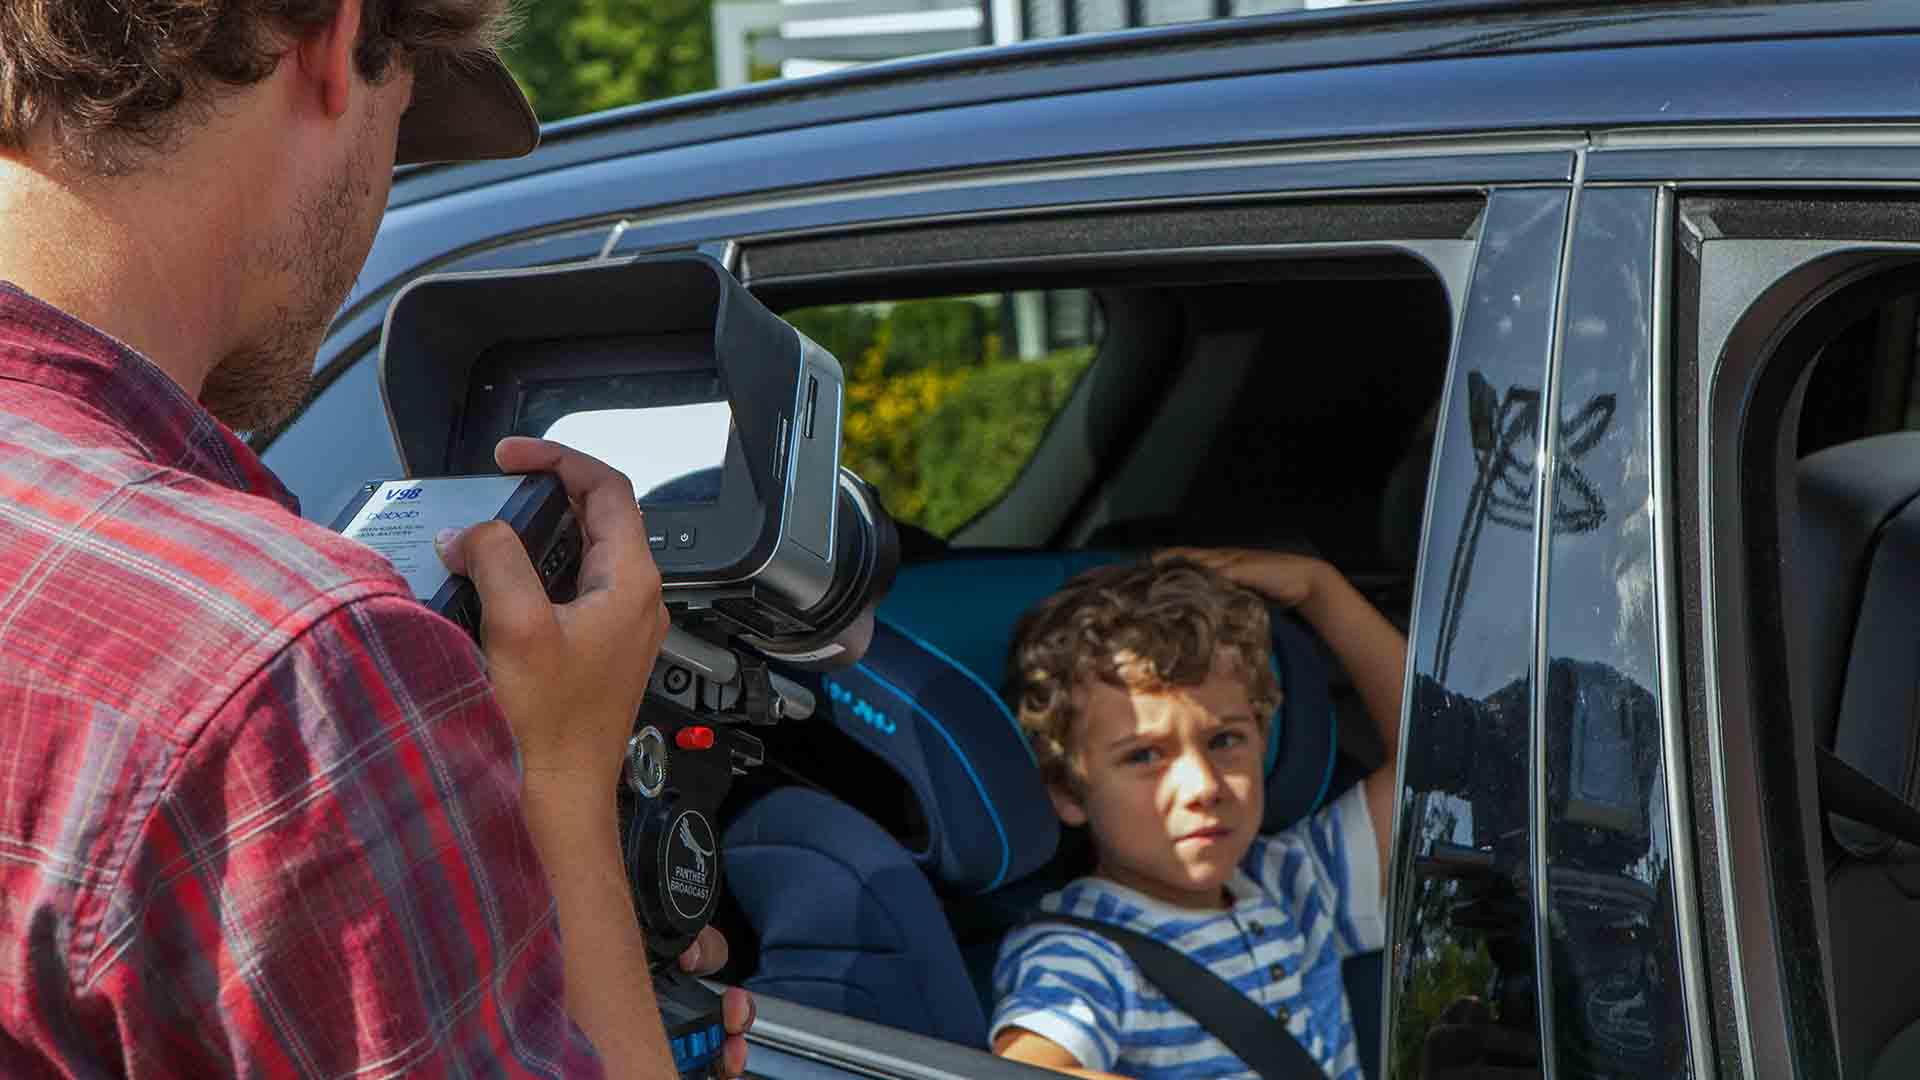 Das Bild zeigt das Rückbankfenster eines Fahrzeugs. Es ist geöffnet. In einem Kindersitz sitzt ein Kind. Auf dieses Kind ist eine Kamera gerichtet. Diese wird von einem Mann gehalten, der vor dem Auto steht. Das Bild dient als Sliderbild für den Portfolioeintrag RECARO Child Safety – Childseats Save Lives von Panda Pictures.